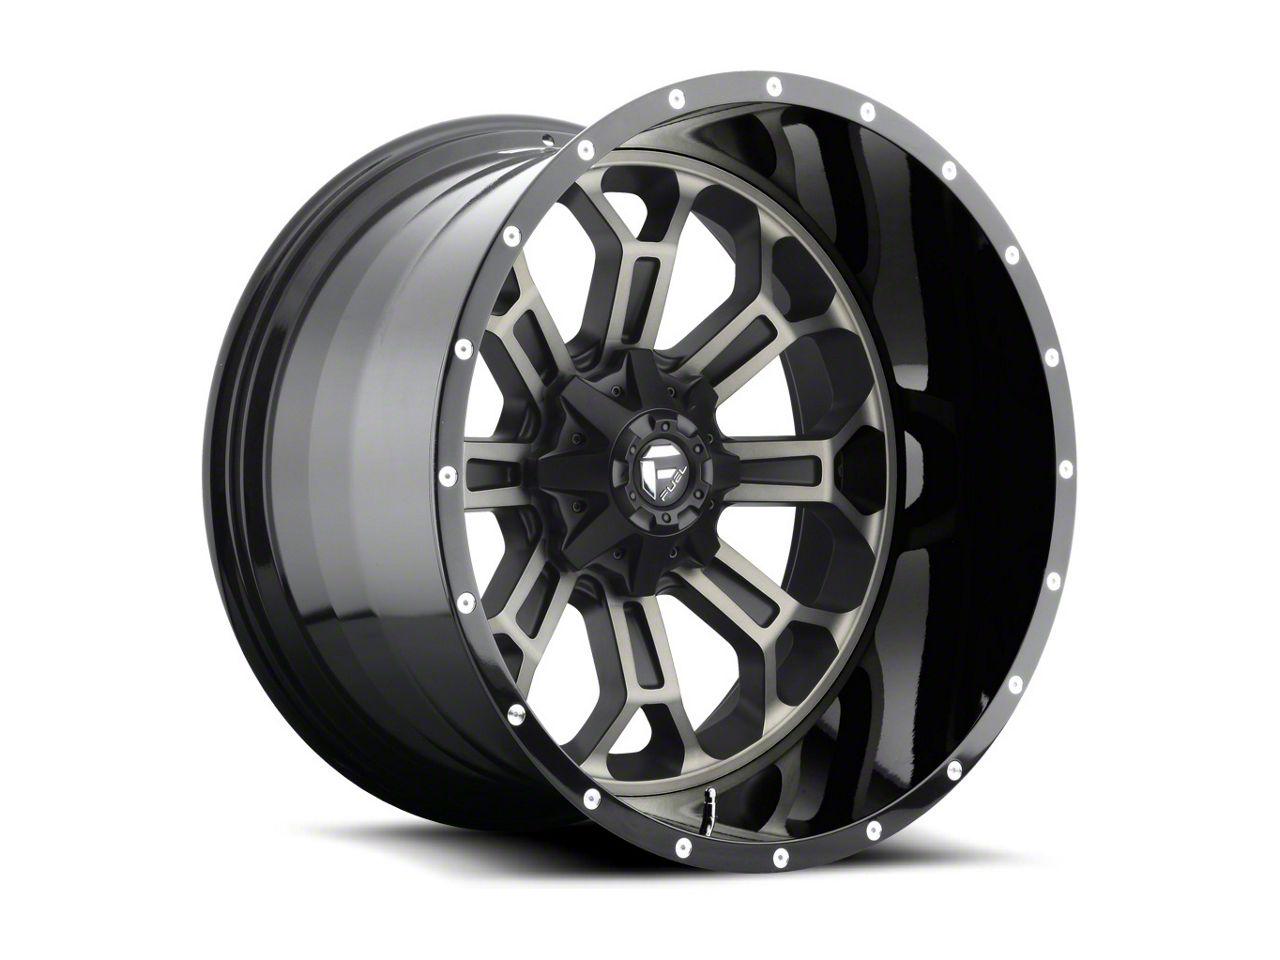 Fuel Wheels Crush Matte Black Machined 6-Lug Wheel - 20x12 (99-18 Silverado 1500)